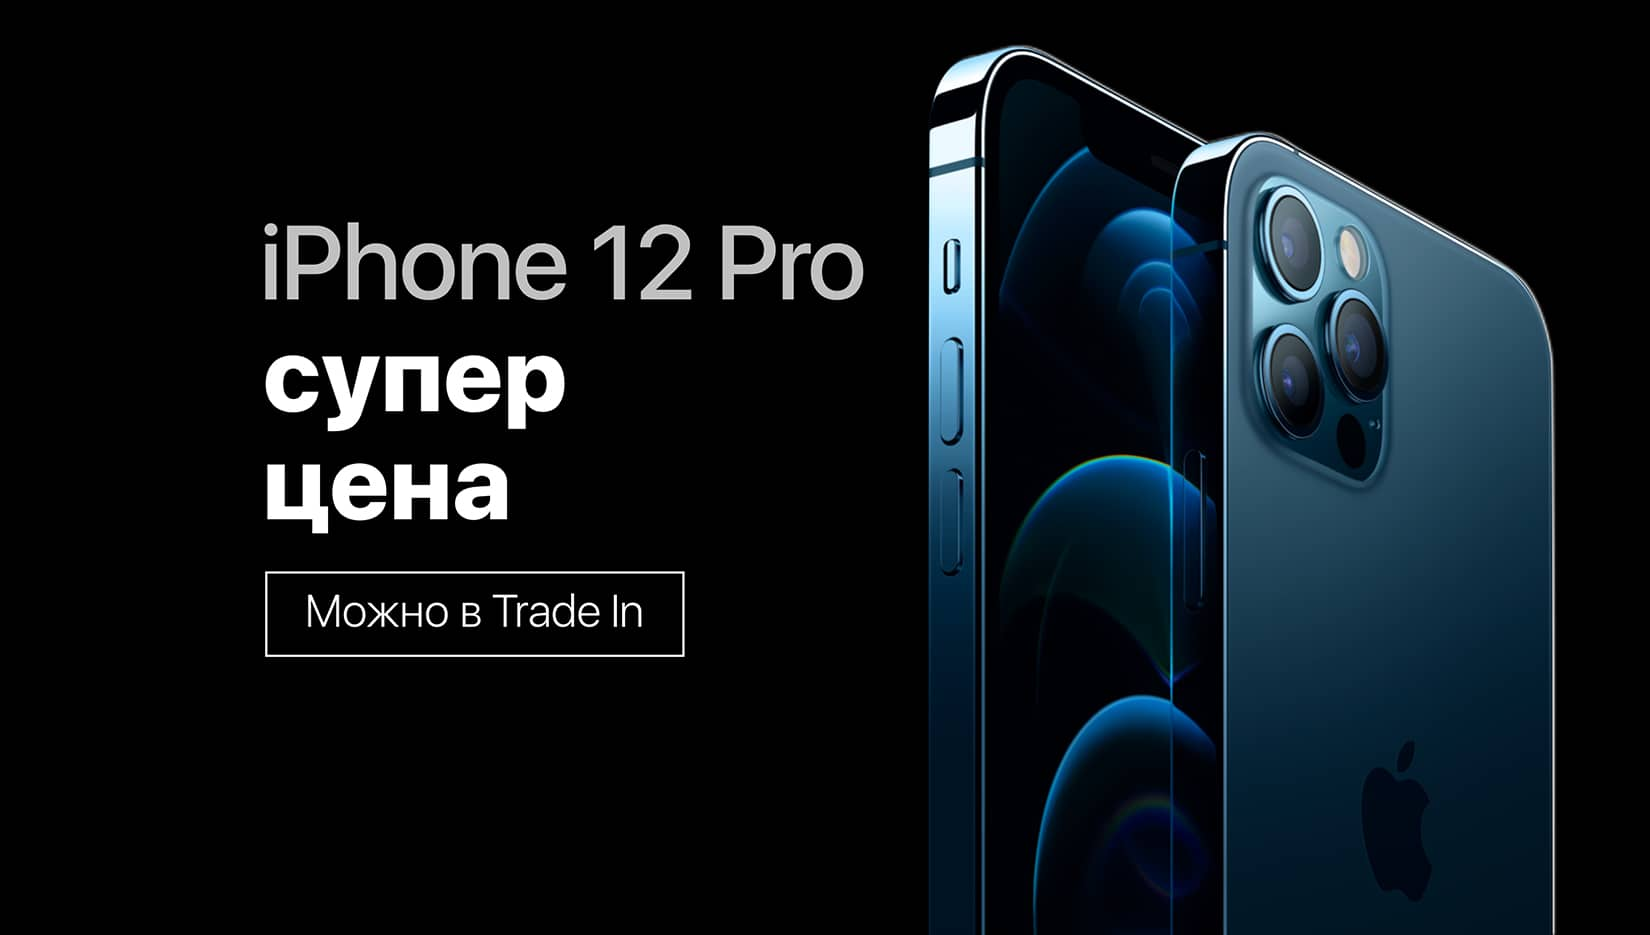 Купить iPhone 12 Pro